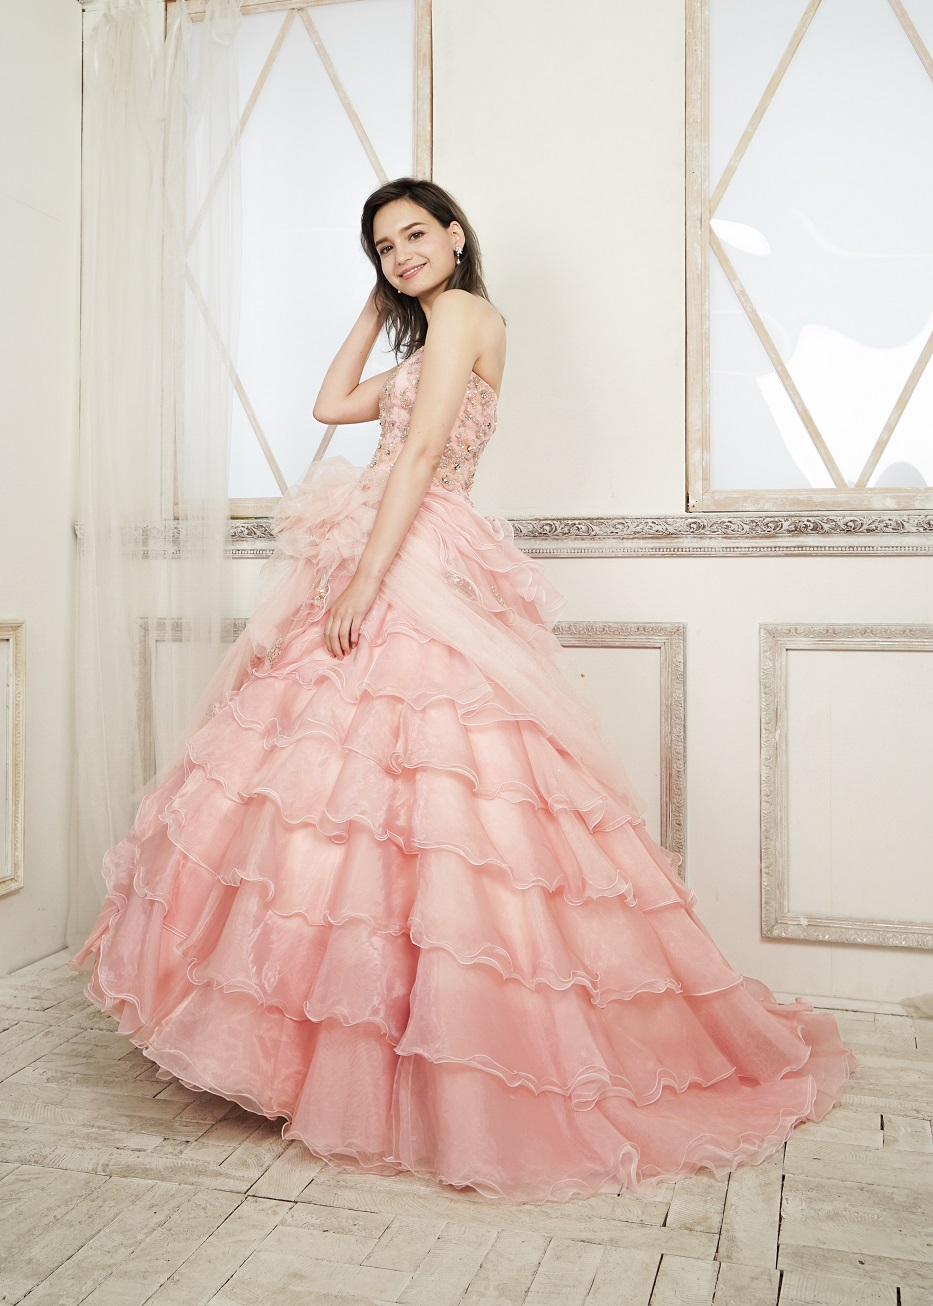 カラードレス 披露宴 1.5次会 2次会 ピンク 大人 かわいい